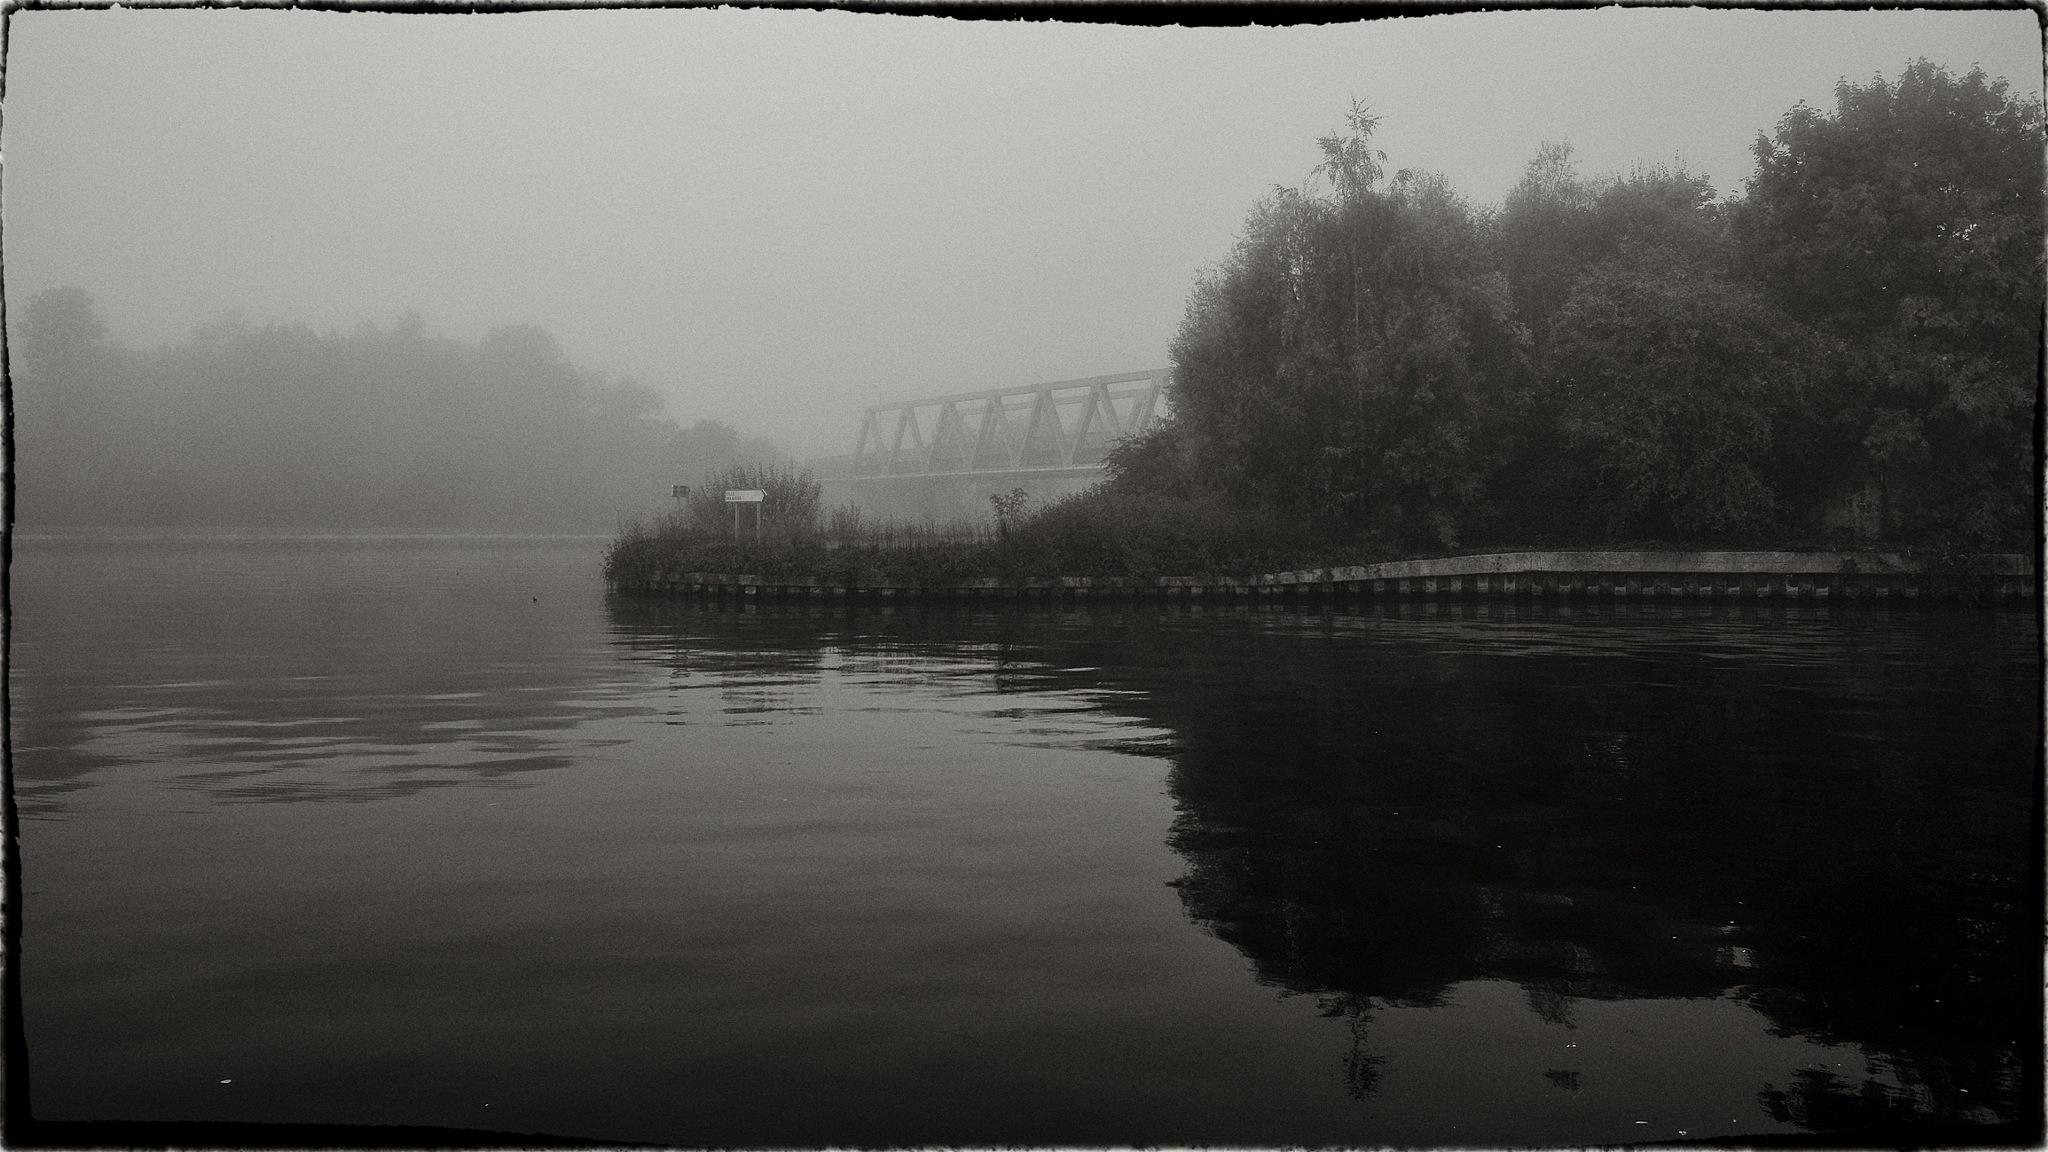 dans la brume matinale. by photosdan